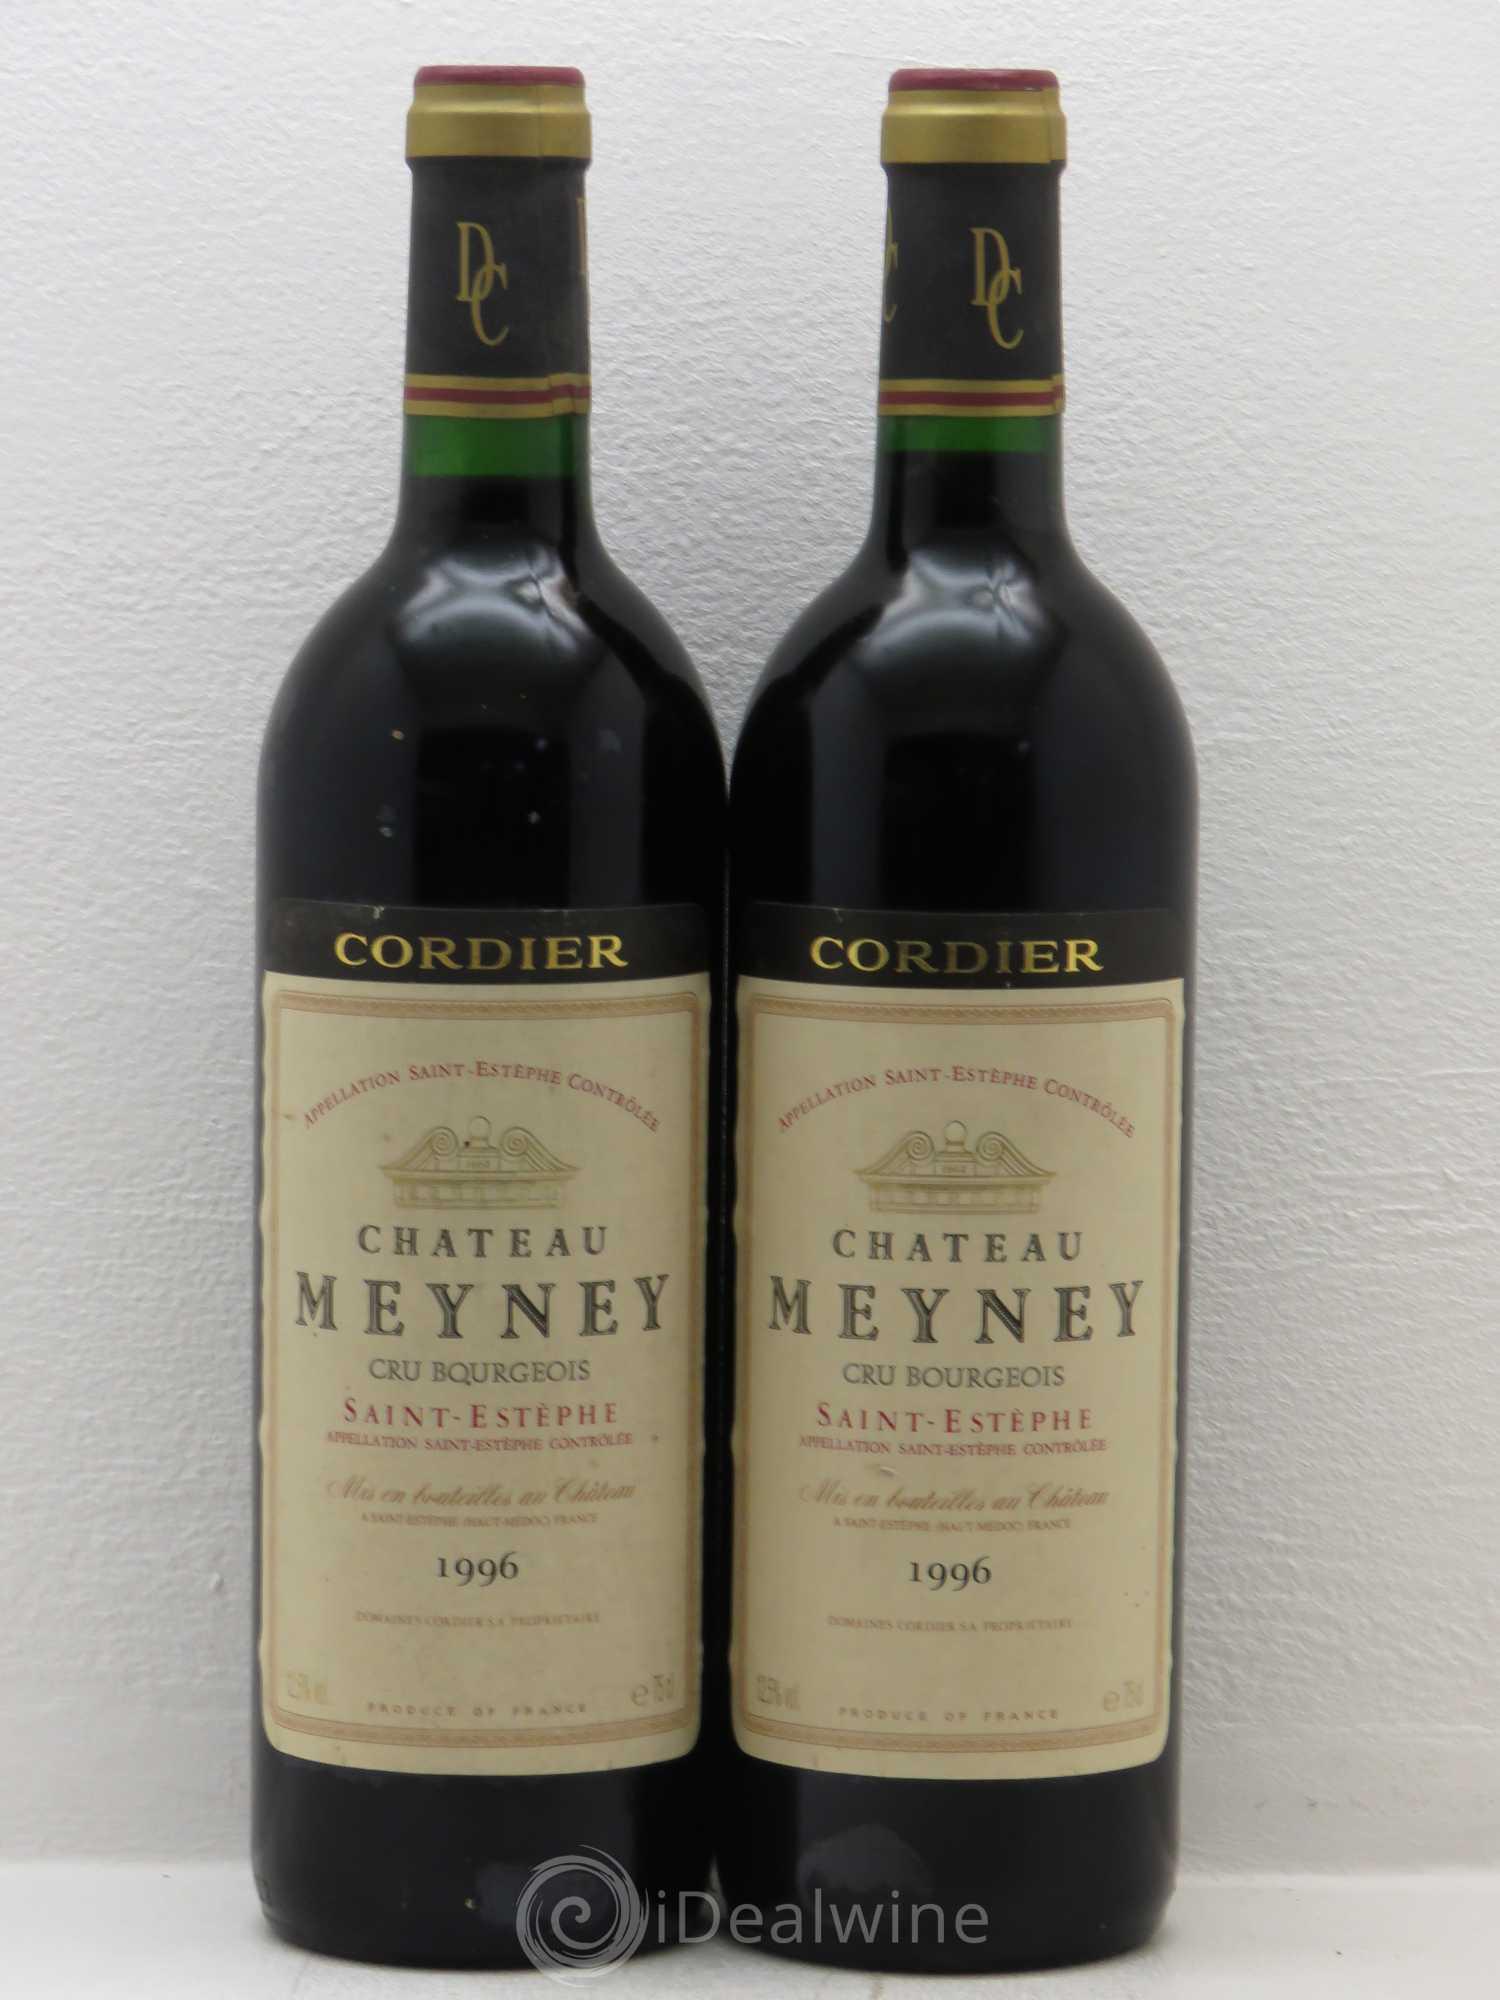 Acheter ch teau meyney cru bourgeois 1996 lot 5553 for Chateau meyney